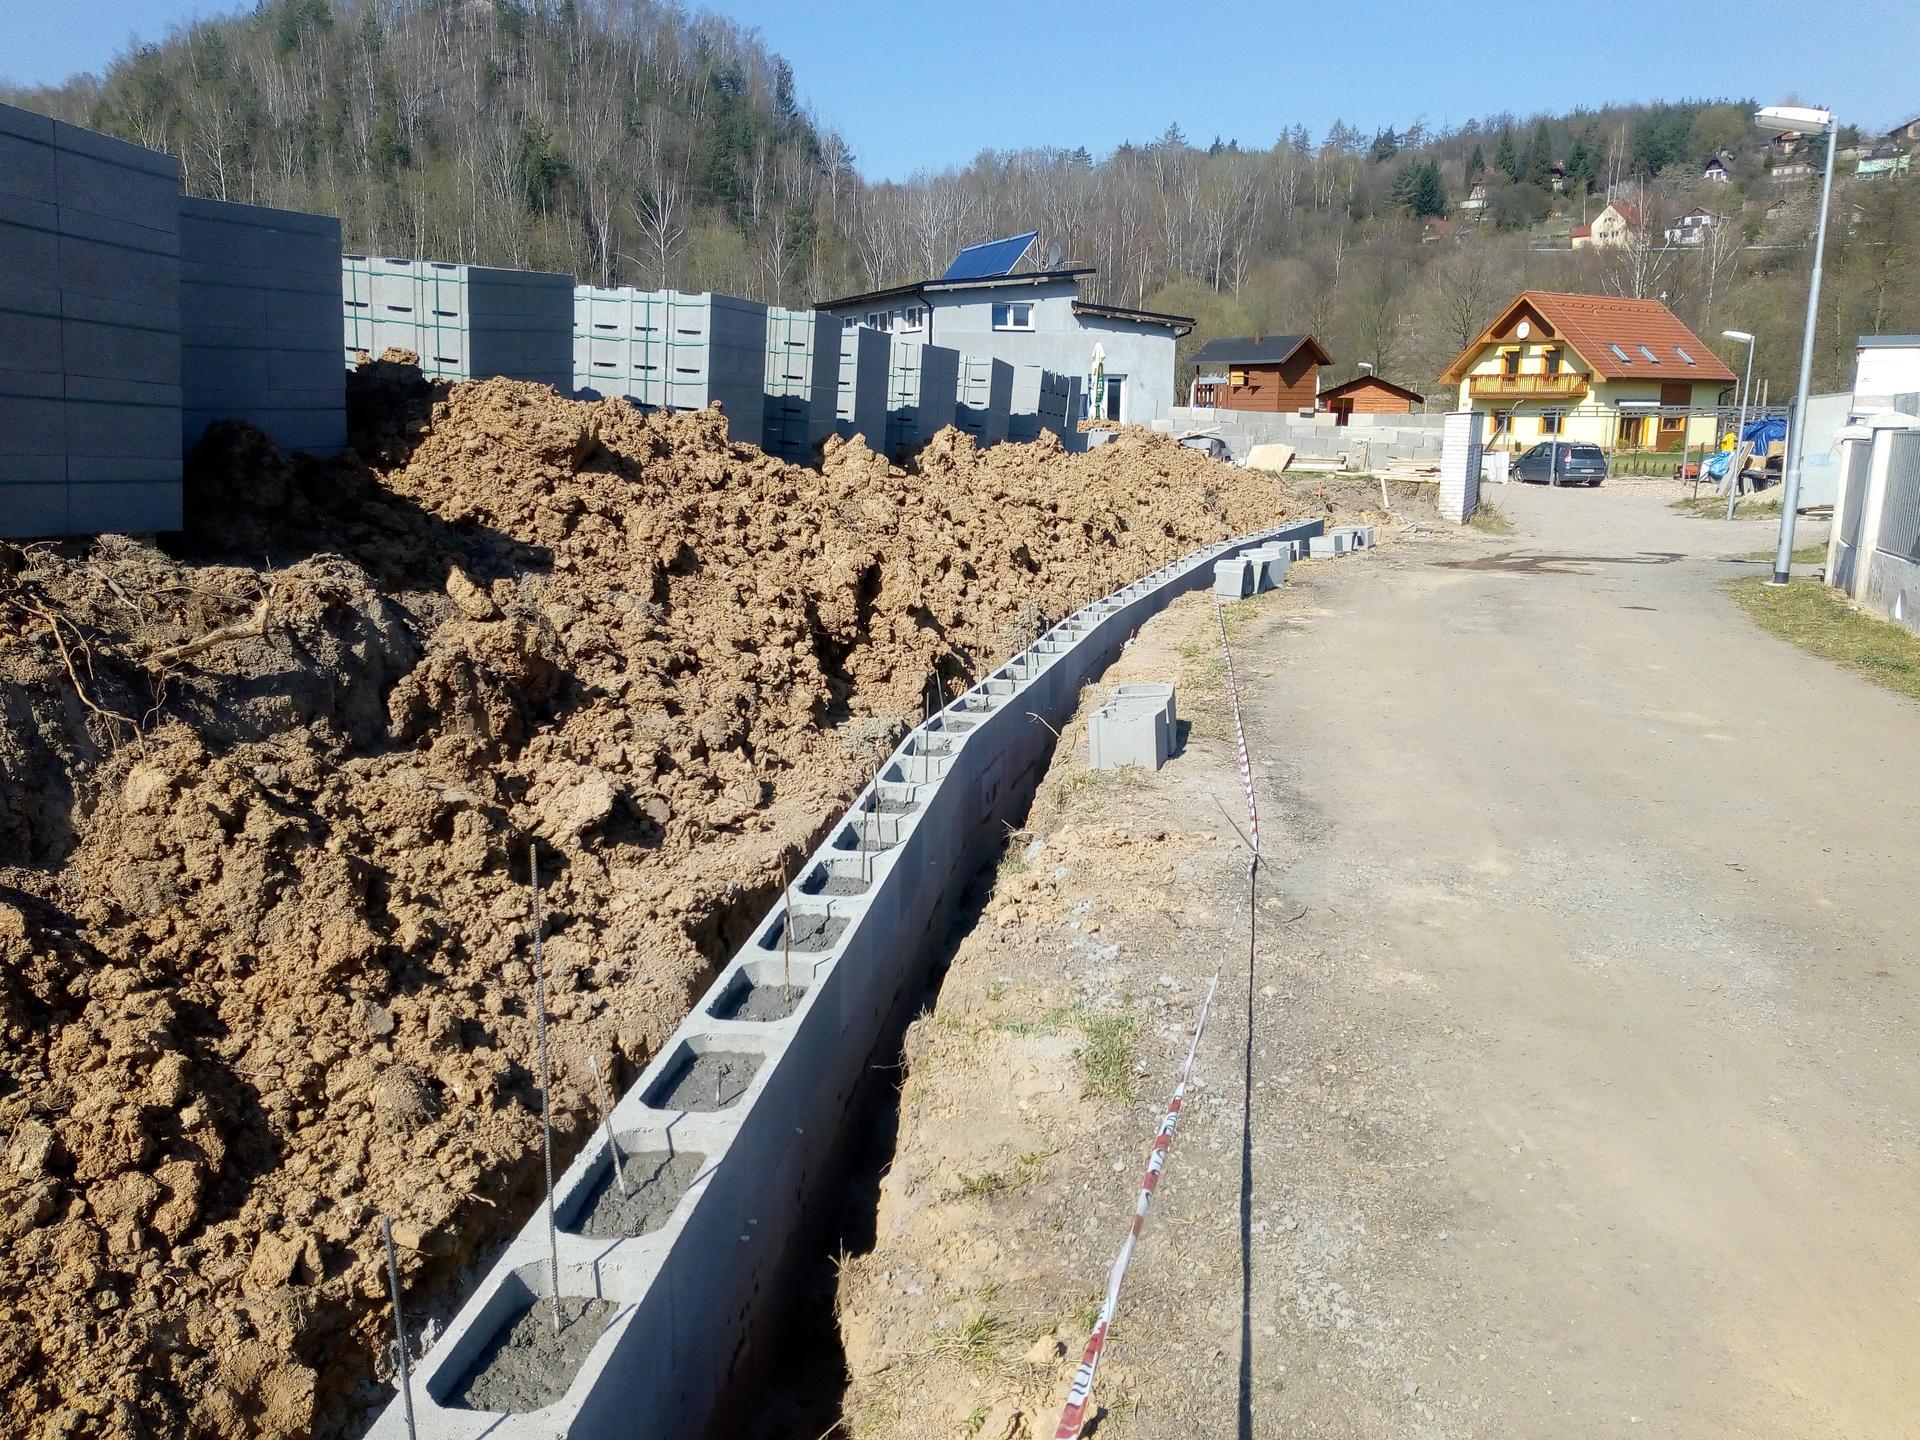 Příprava pozemku, bednění, základy, opěrka, bouda, plot - Obrázek č. 37